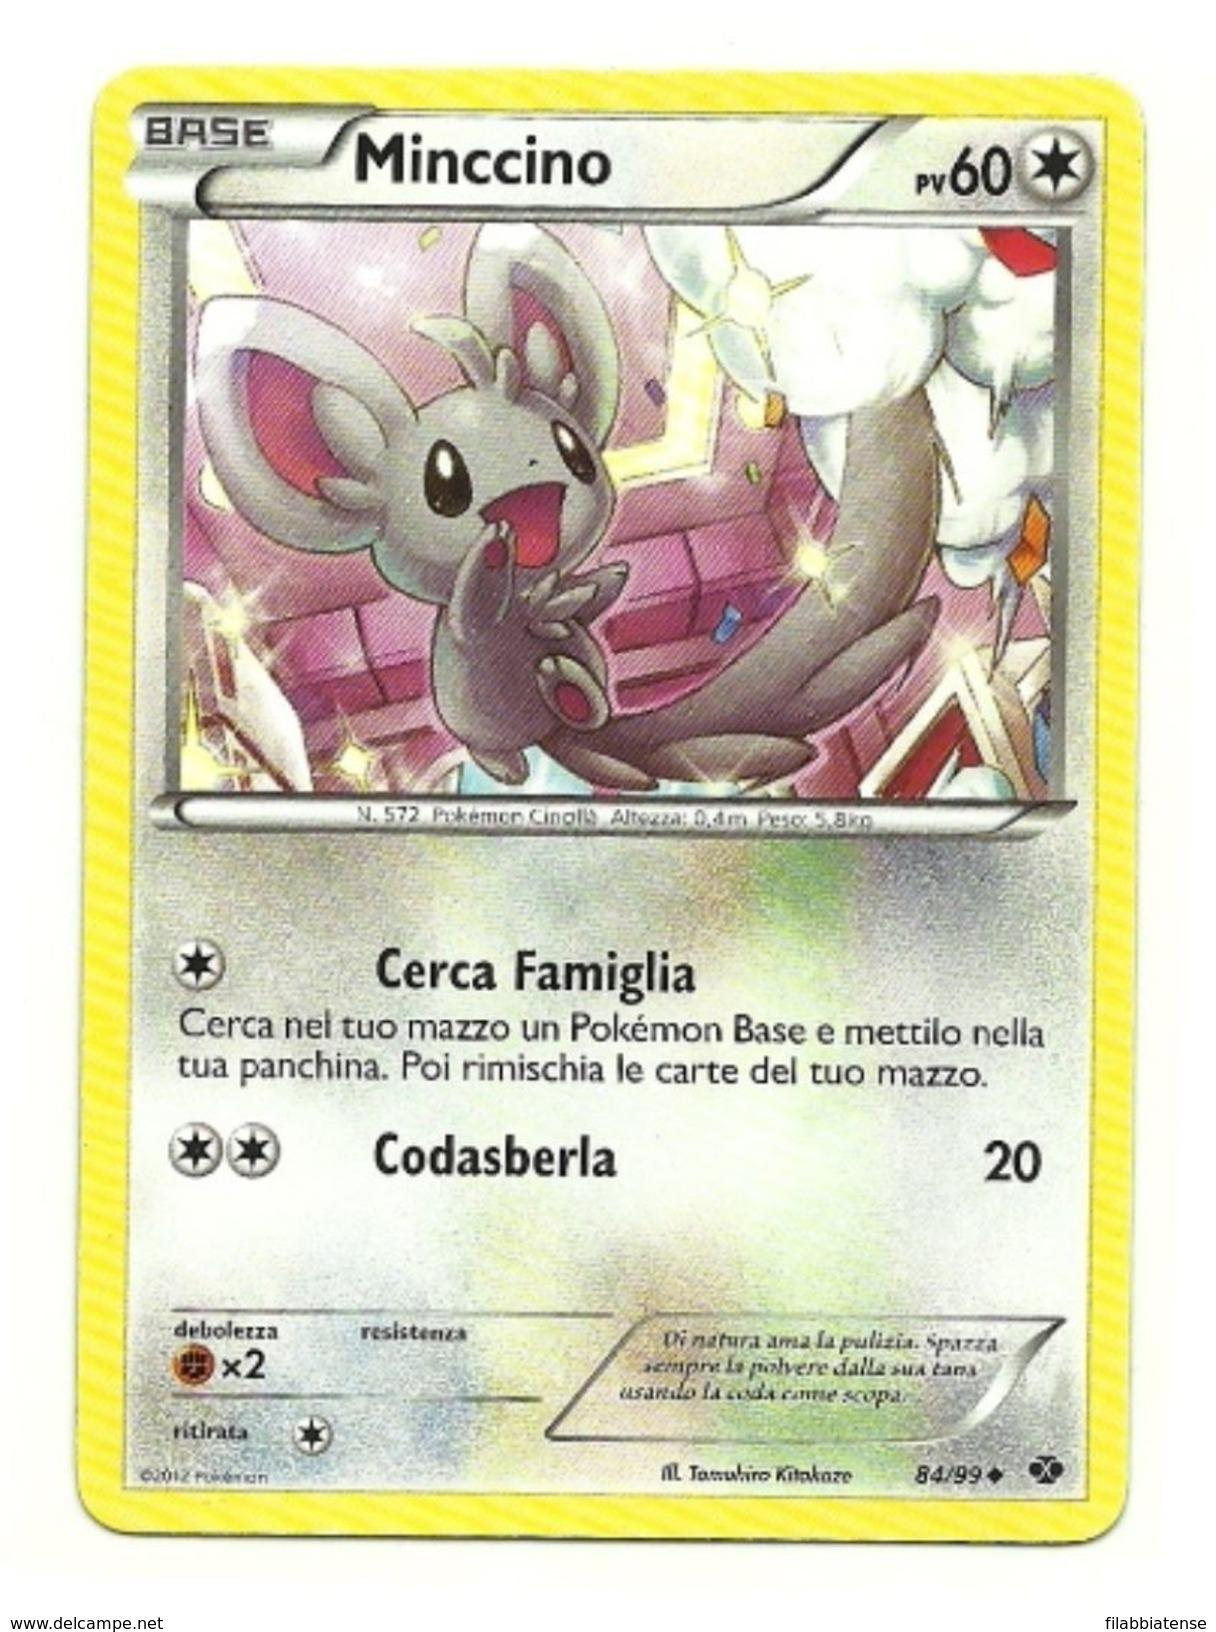 Pokemon - Minccino, - Pokemon